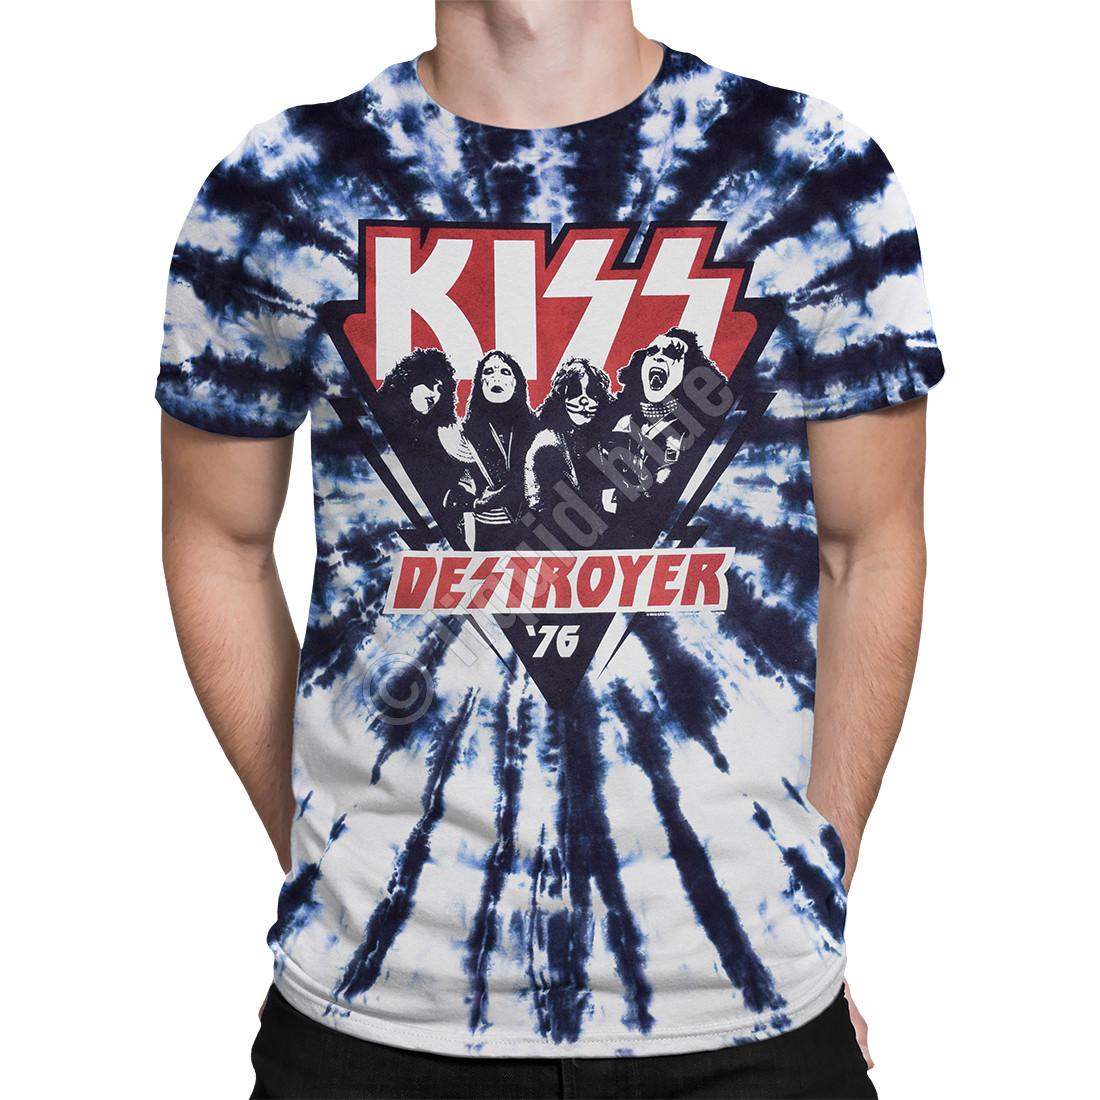 '76 Tee Tie T Destroyer Dye Kiss Liquid Shirt Blue eE9YWDHIb2